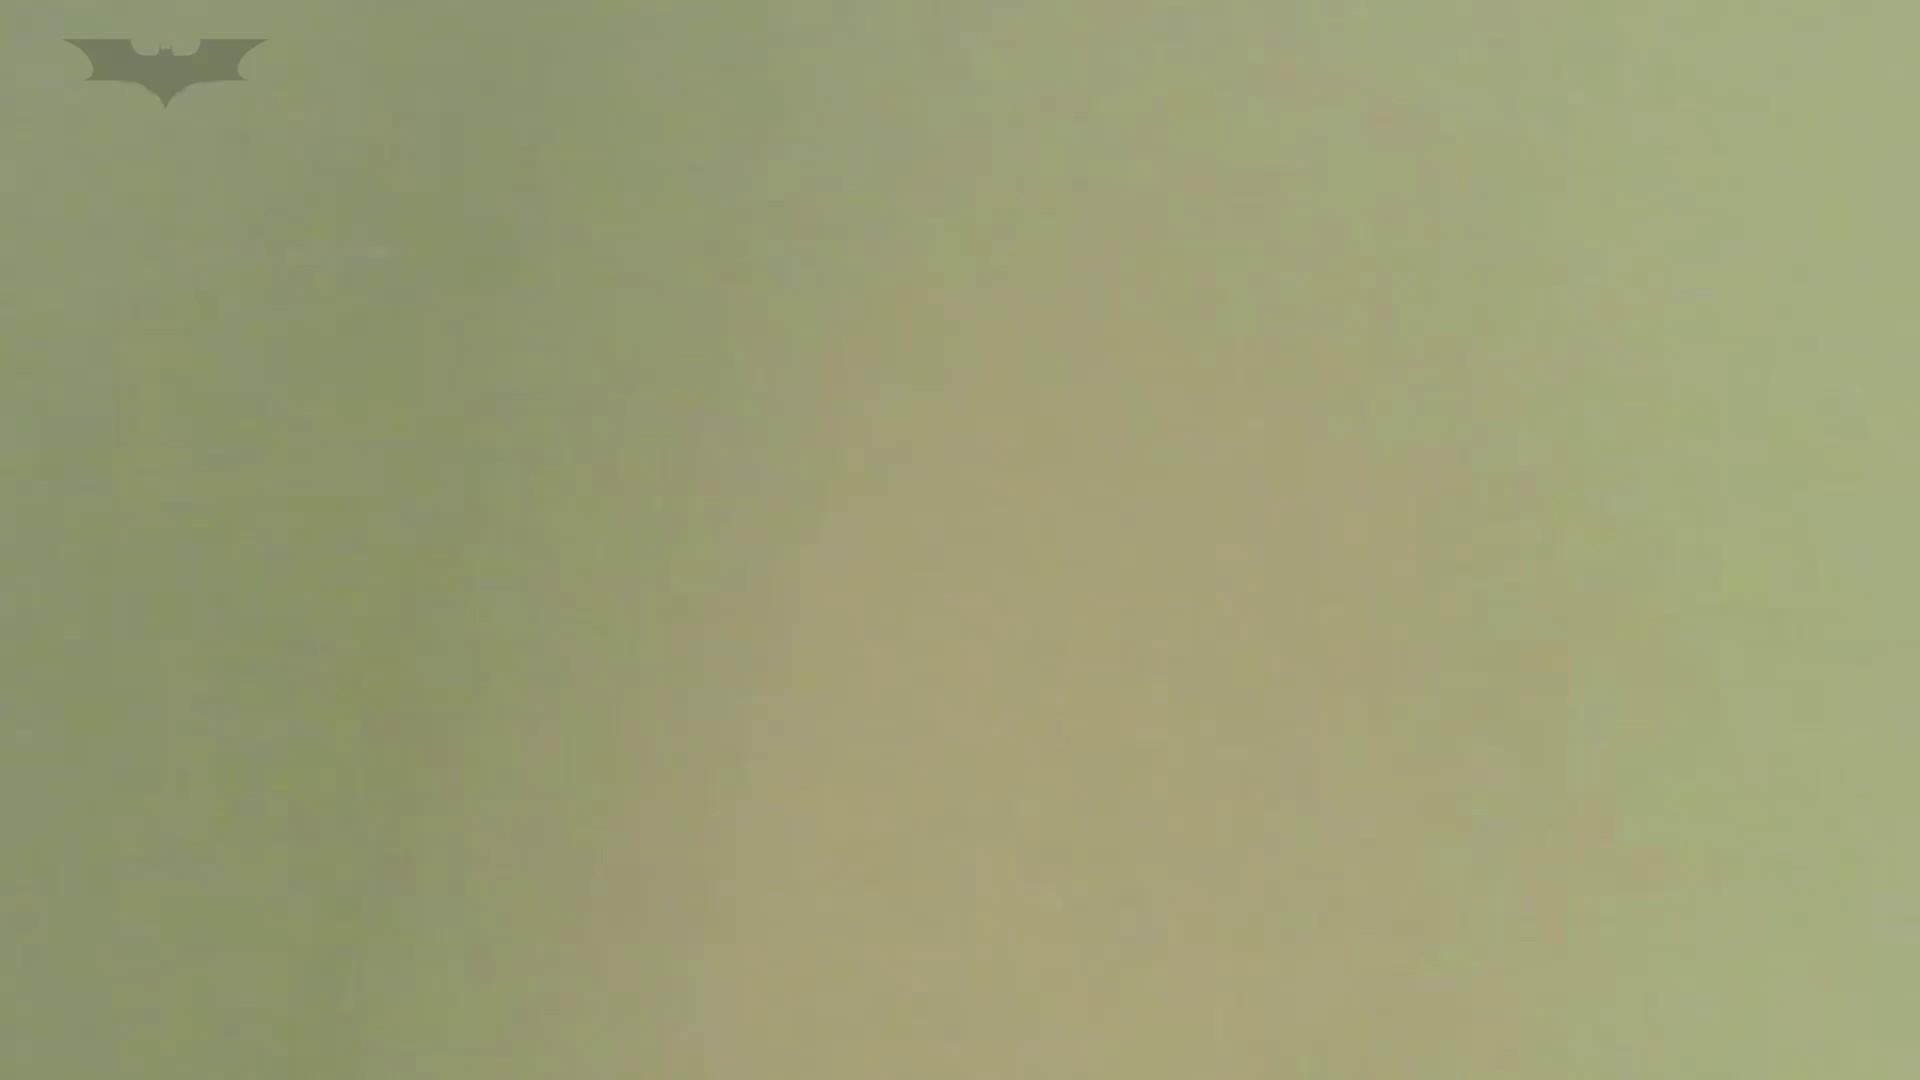 夏の思い出浜辺トイレ盗撮Vol.18 潜入エロ調査 | 盗撮エロすぎ  65連発 14